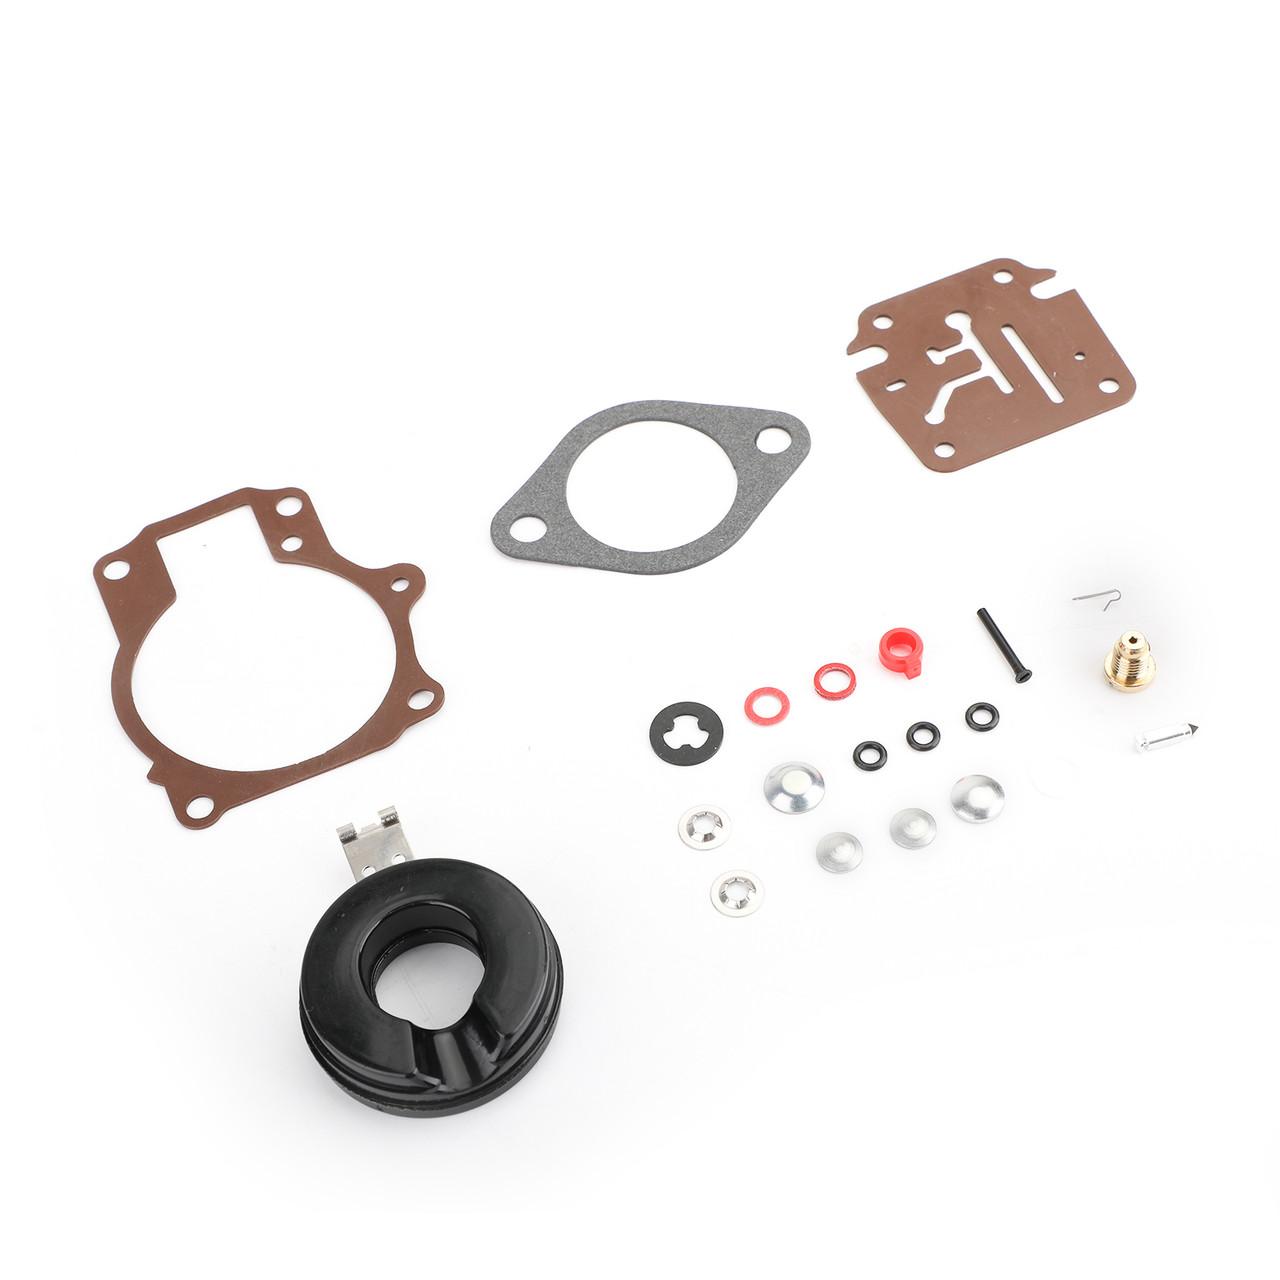 Carburetor Repair Kit For Johnson Evinrude 396701 20/25/28/30/40/45/48/50/60/70